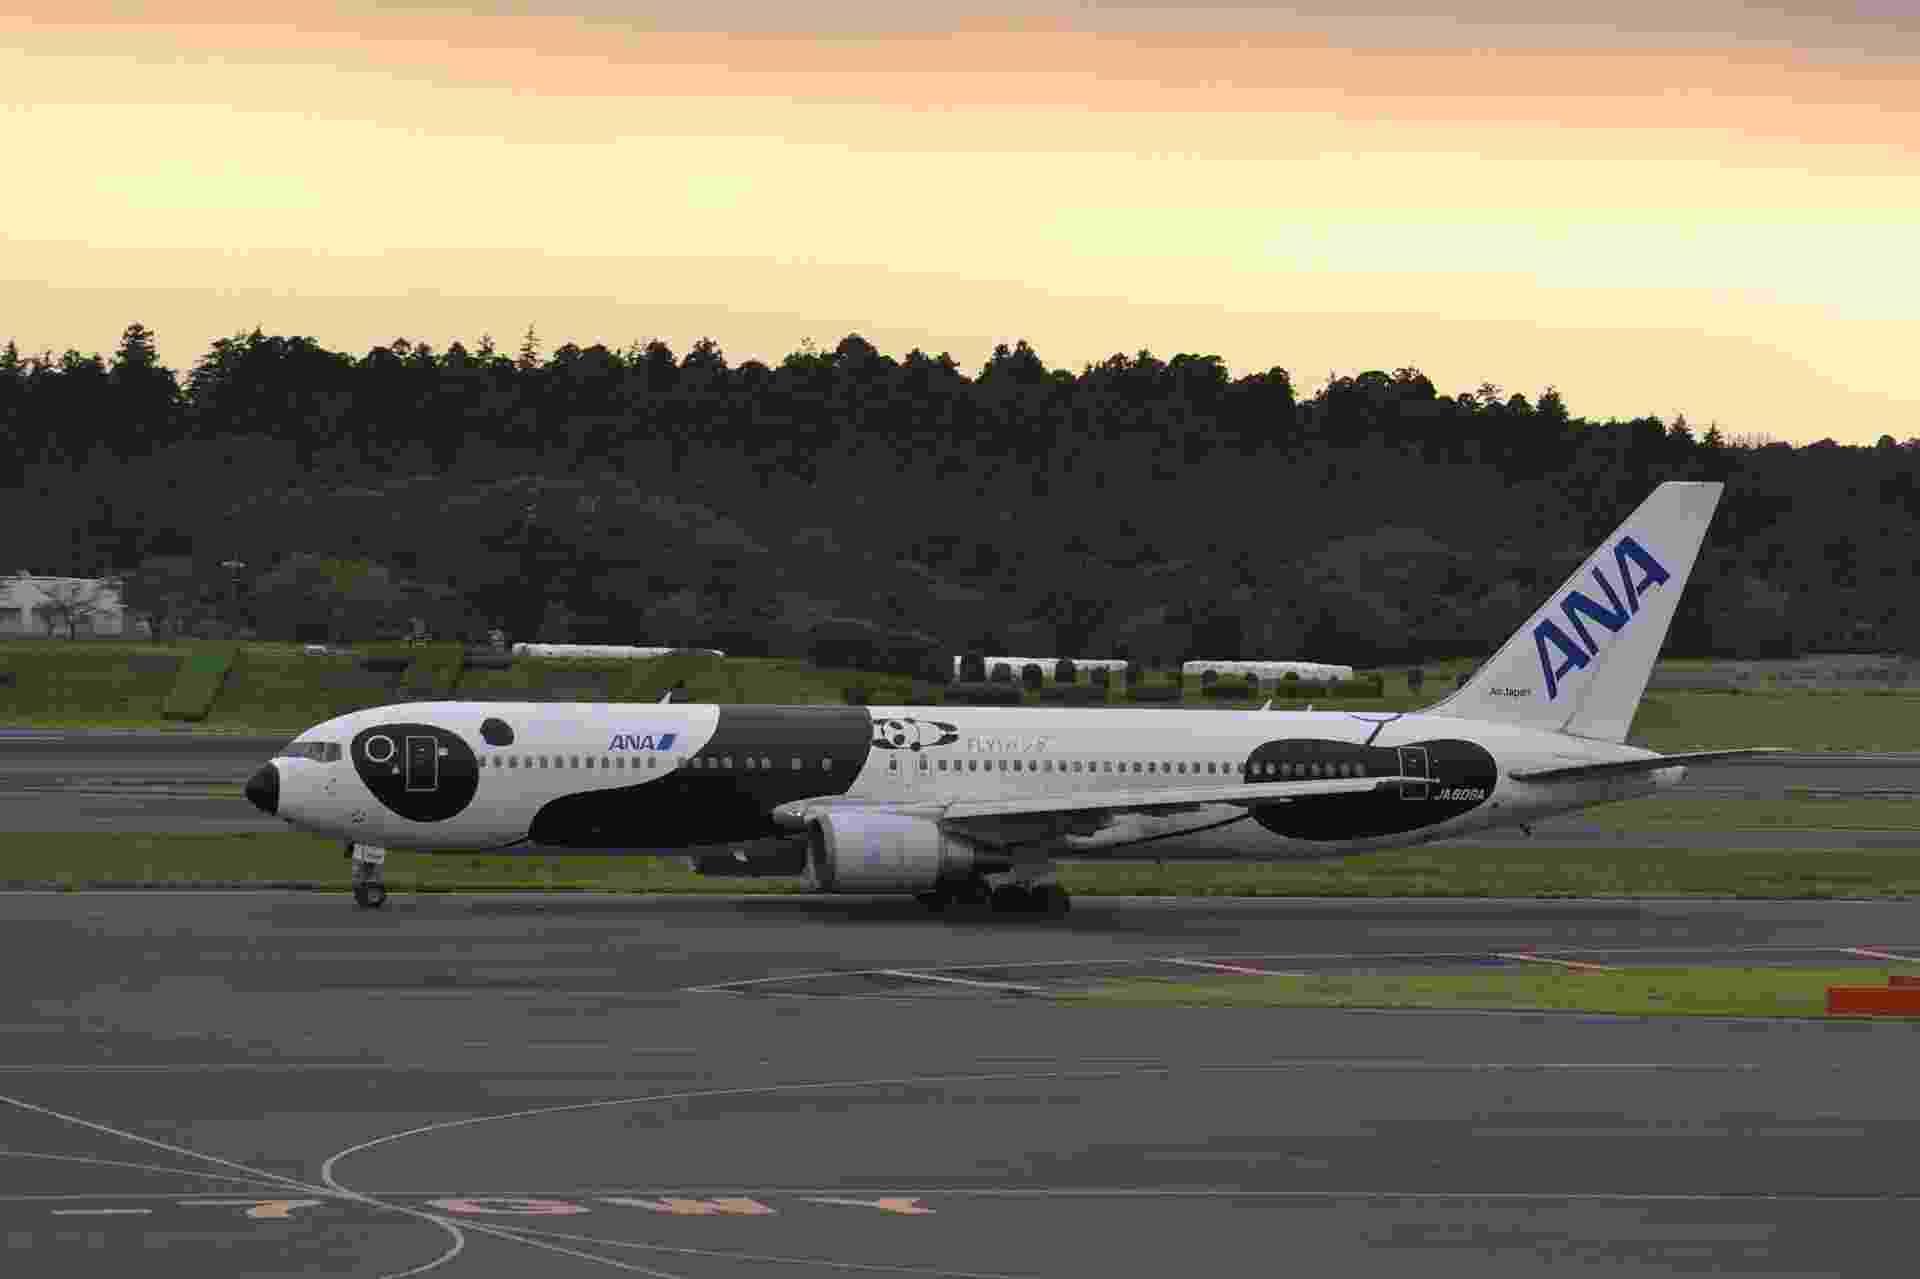 A All Nippon Airways (ANA) decorou um Boeing 767-300 para ficar parecido com um panda; o objetivo foi celebrar 20 anos de voos para a China, e 35 anos de relações pacíficas entre China e Japão - Alec Wilson/Flickr